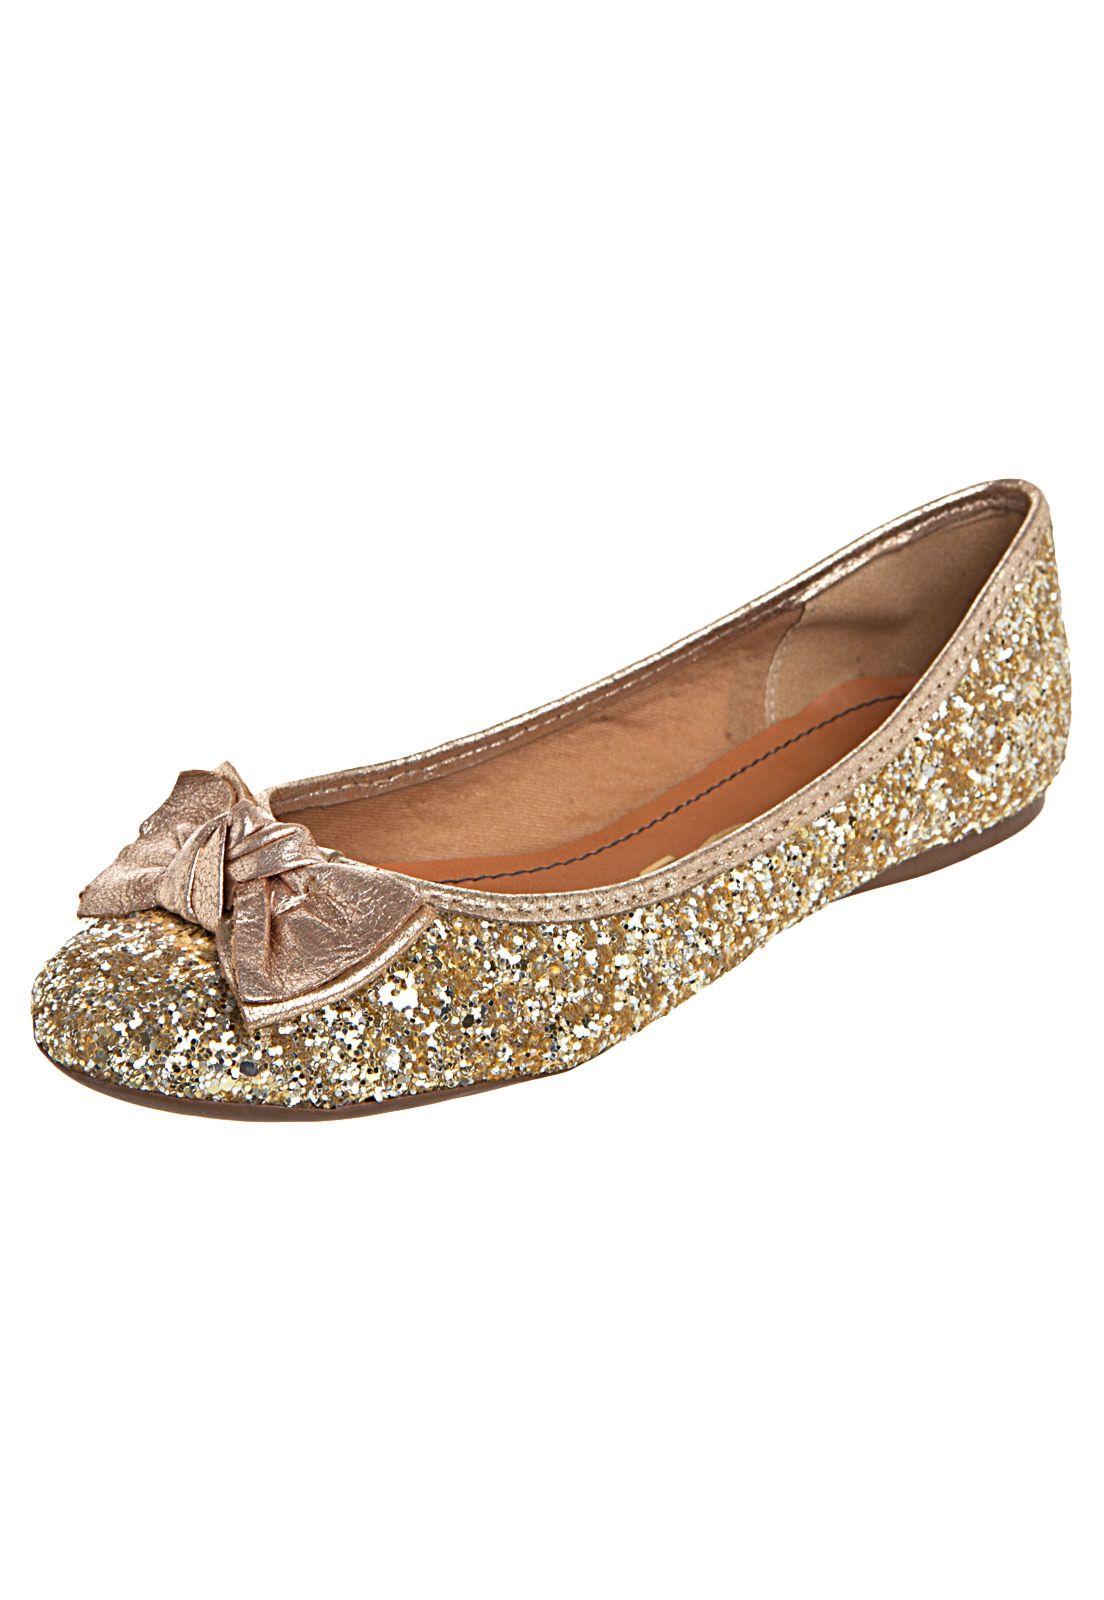 ddc3d5055a Sapatilha Santa Lolla Tecido Diamante Dourado - Compre Agora